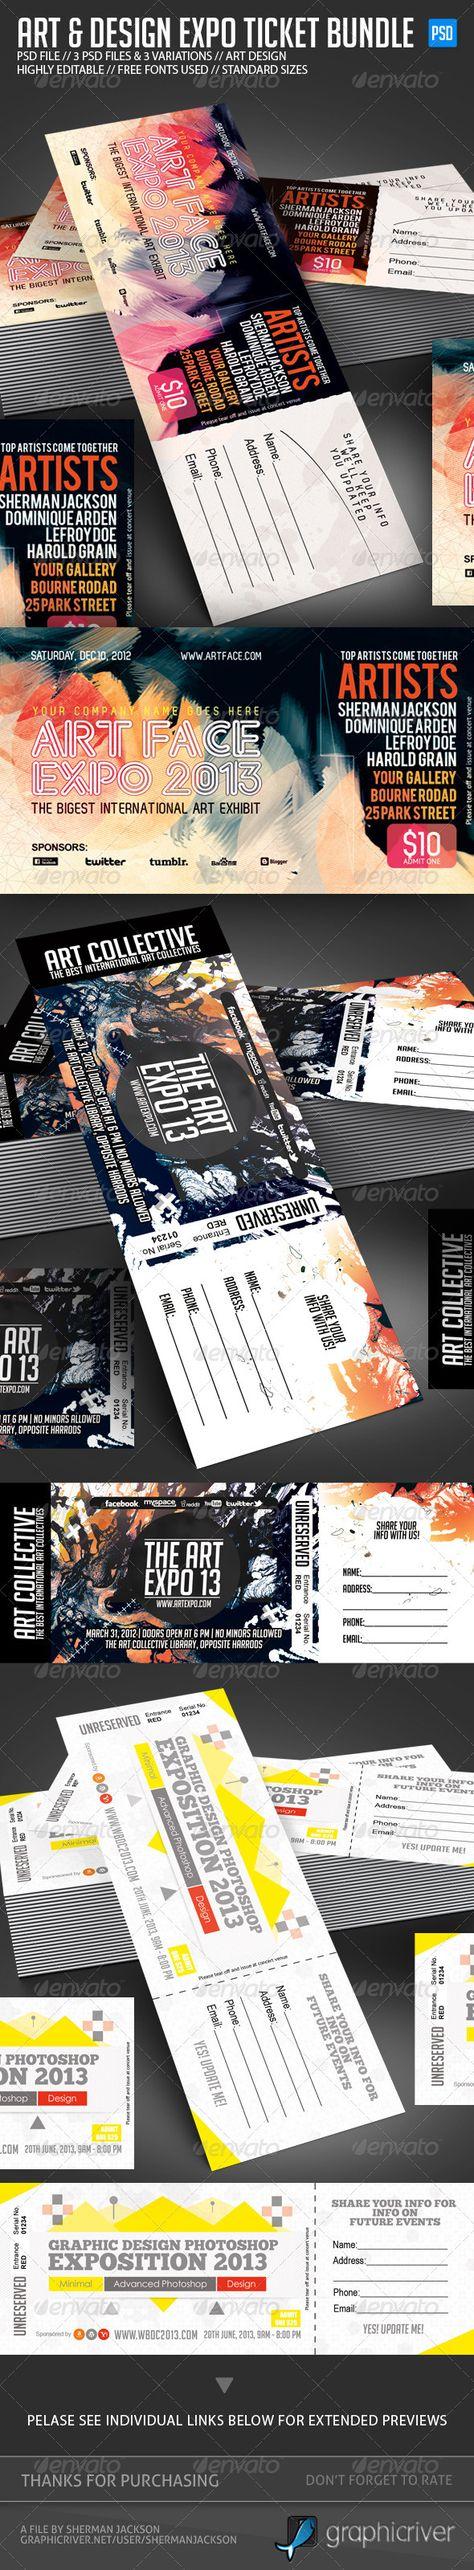 Design & Art Expo Show Passes/Tickets Bundle